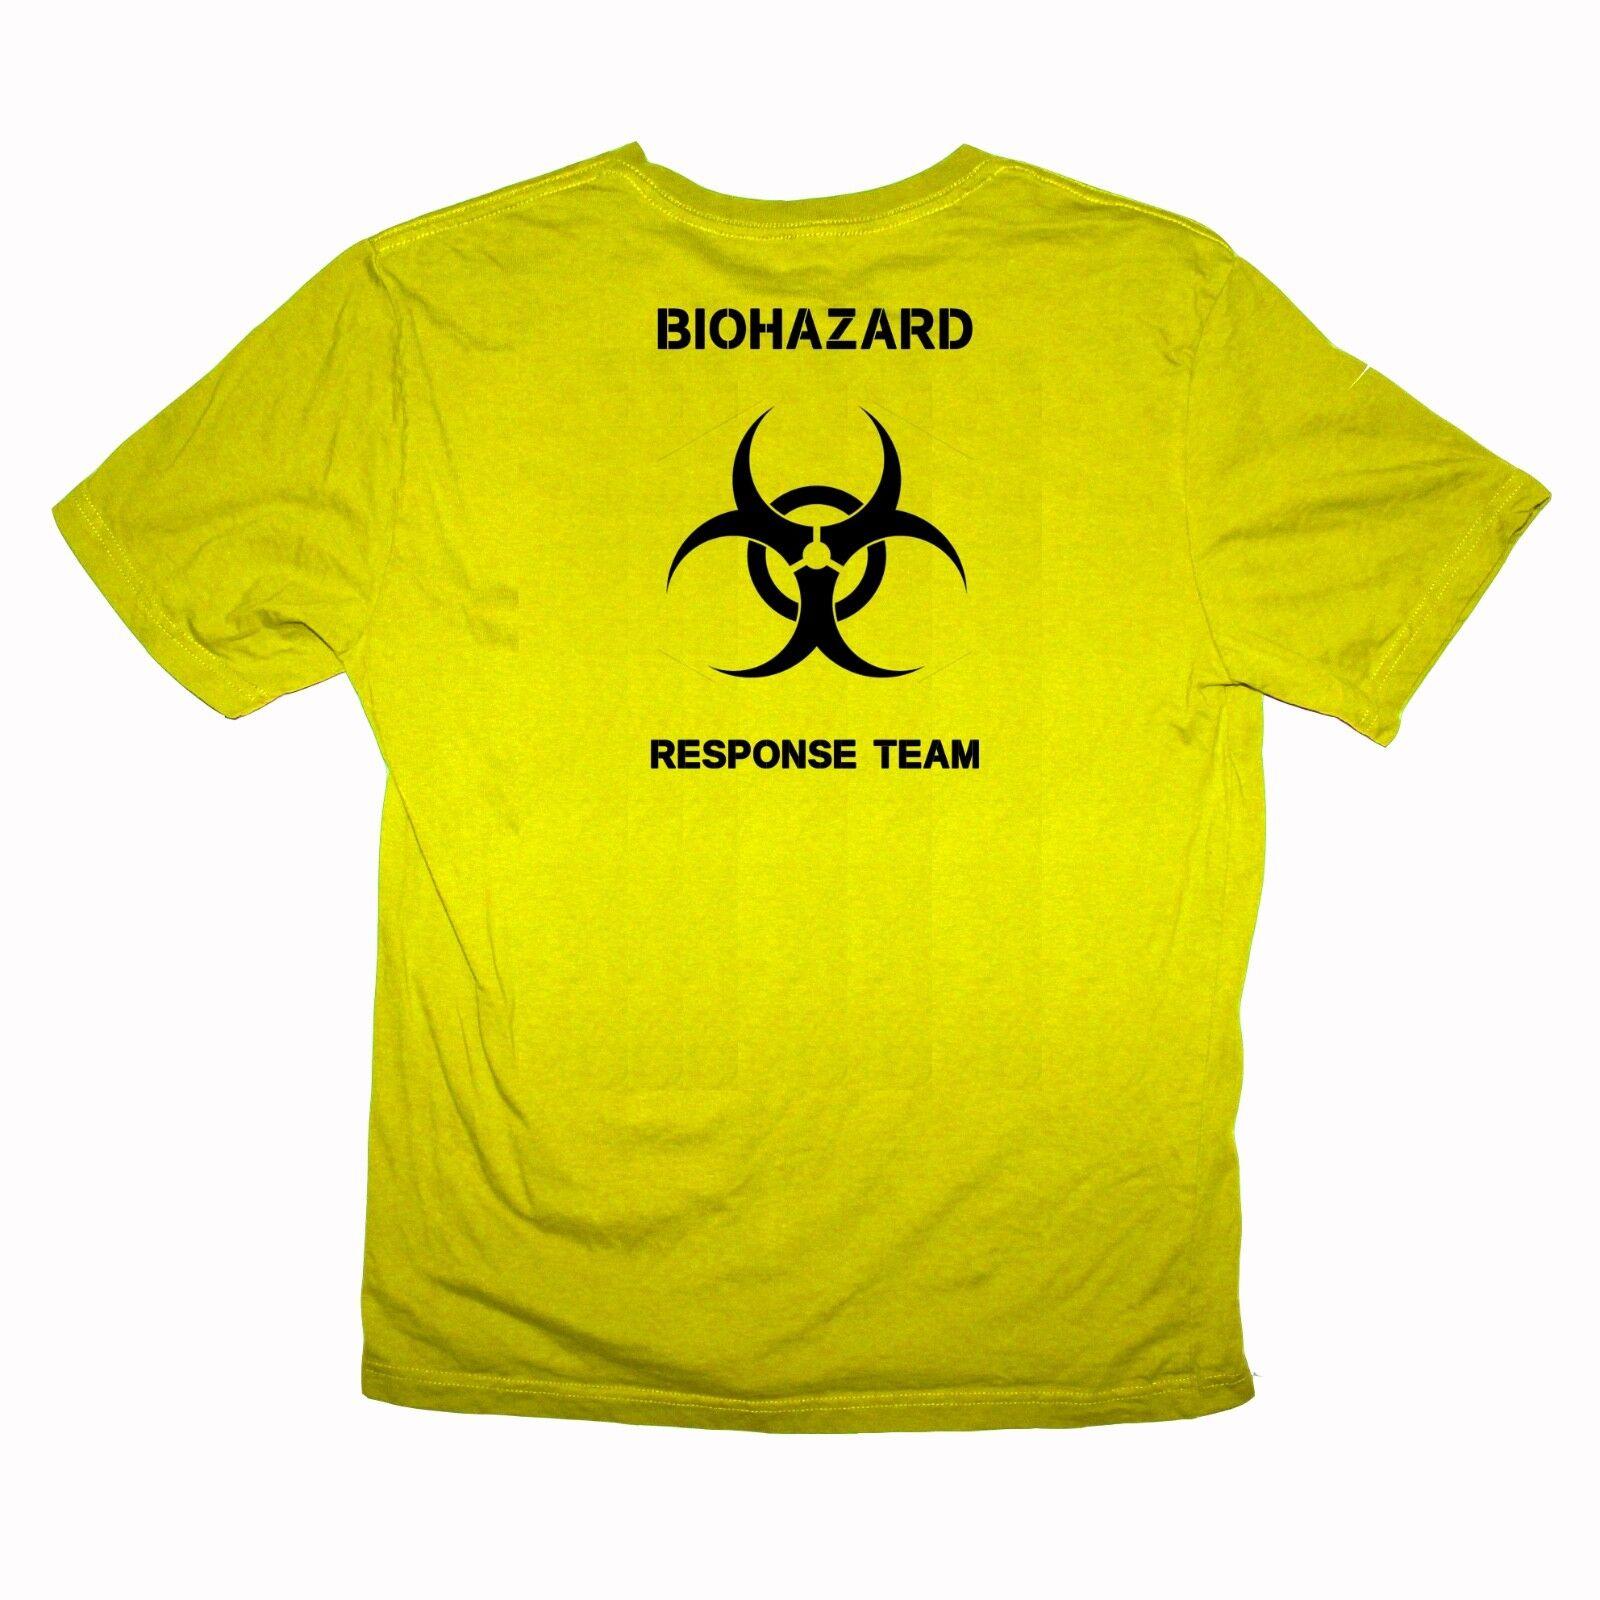 GMB Industries Biohazard Response Team 6 shirts - Sizes S-XXXL Various Colours